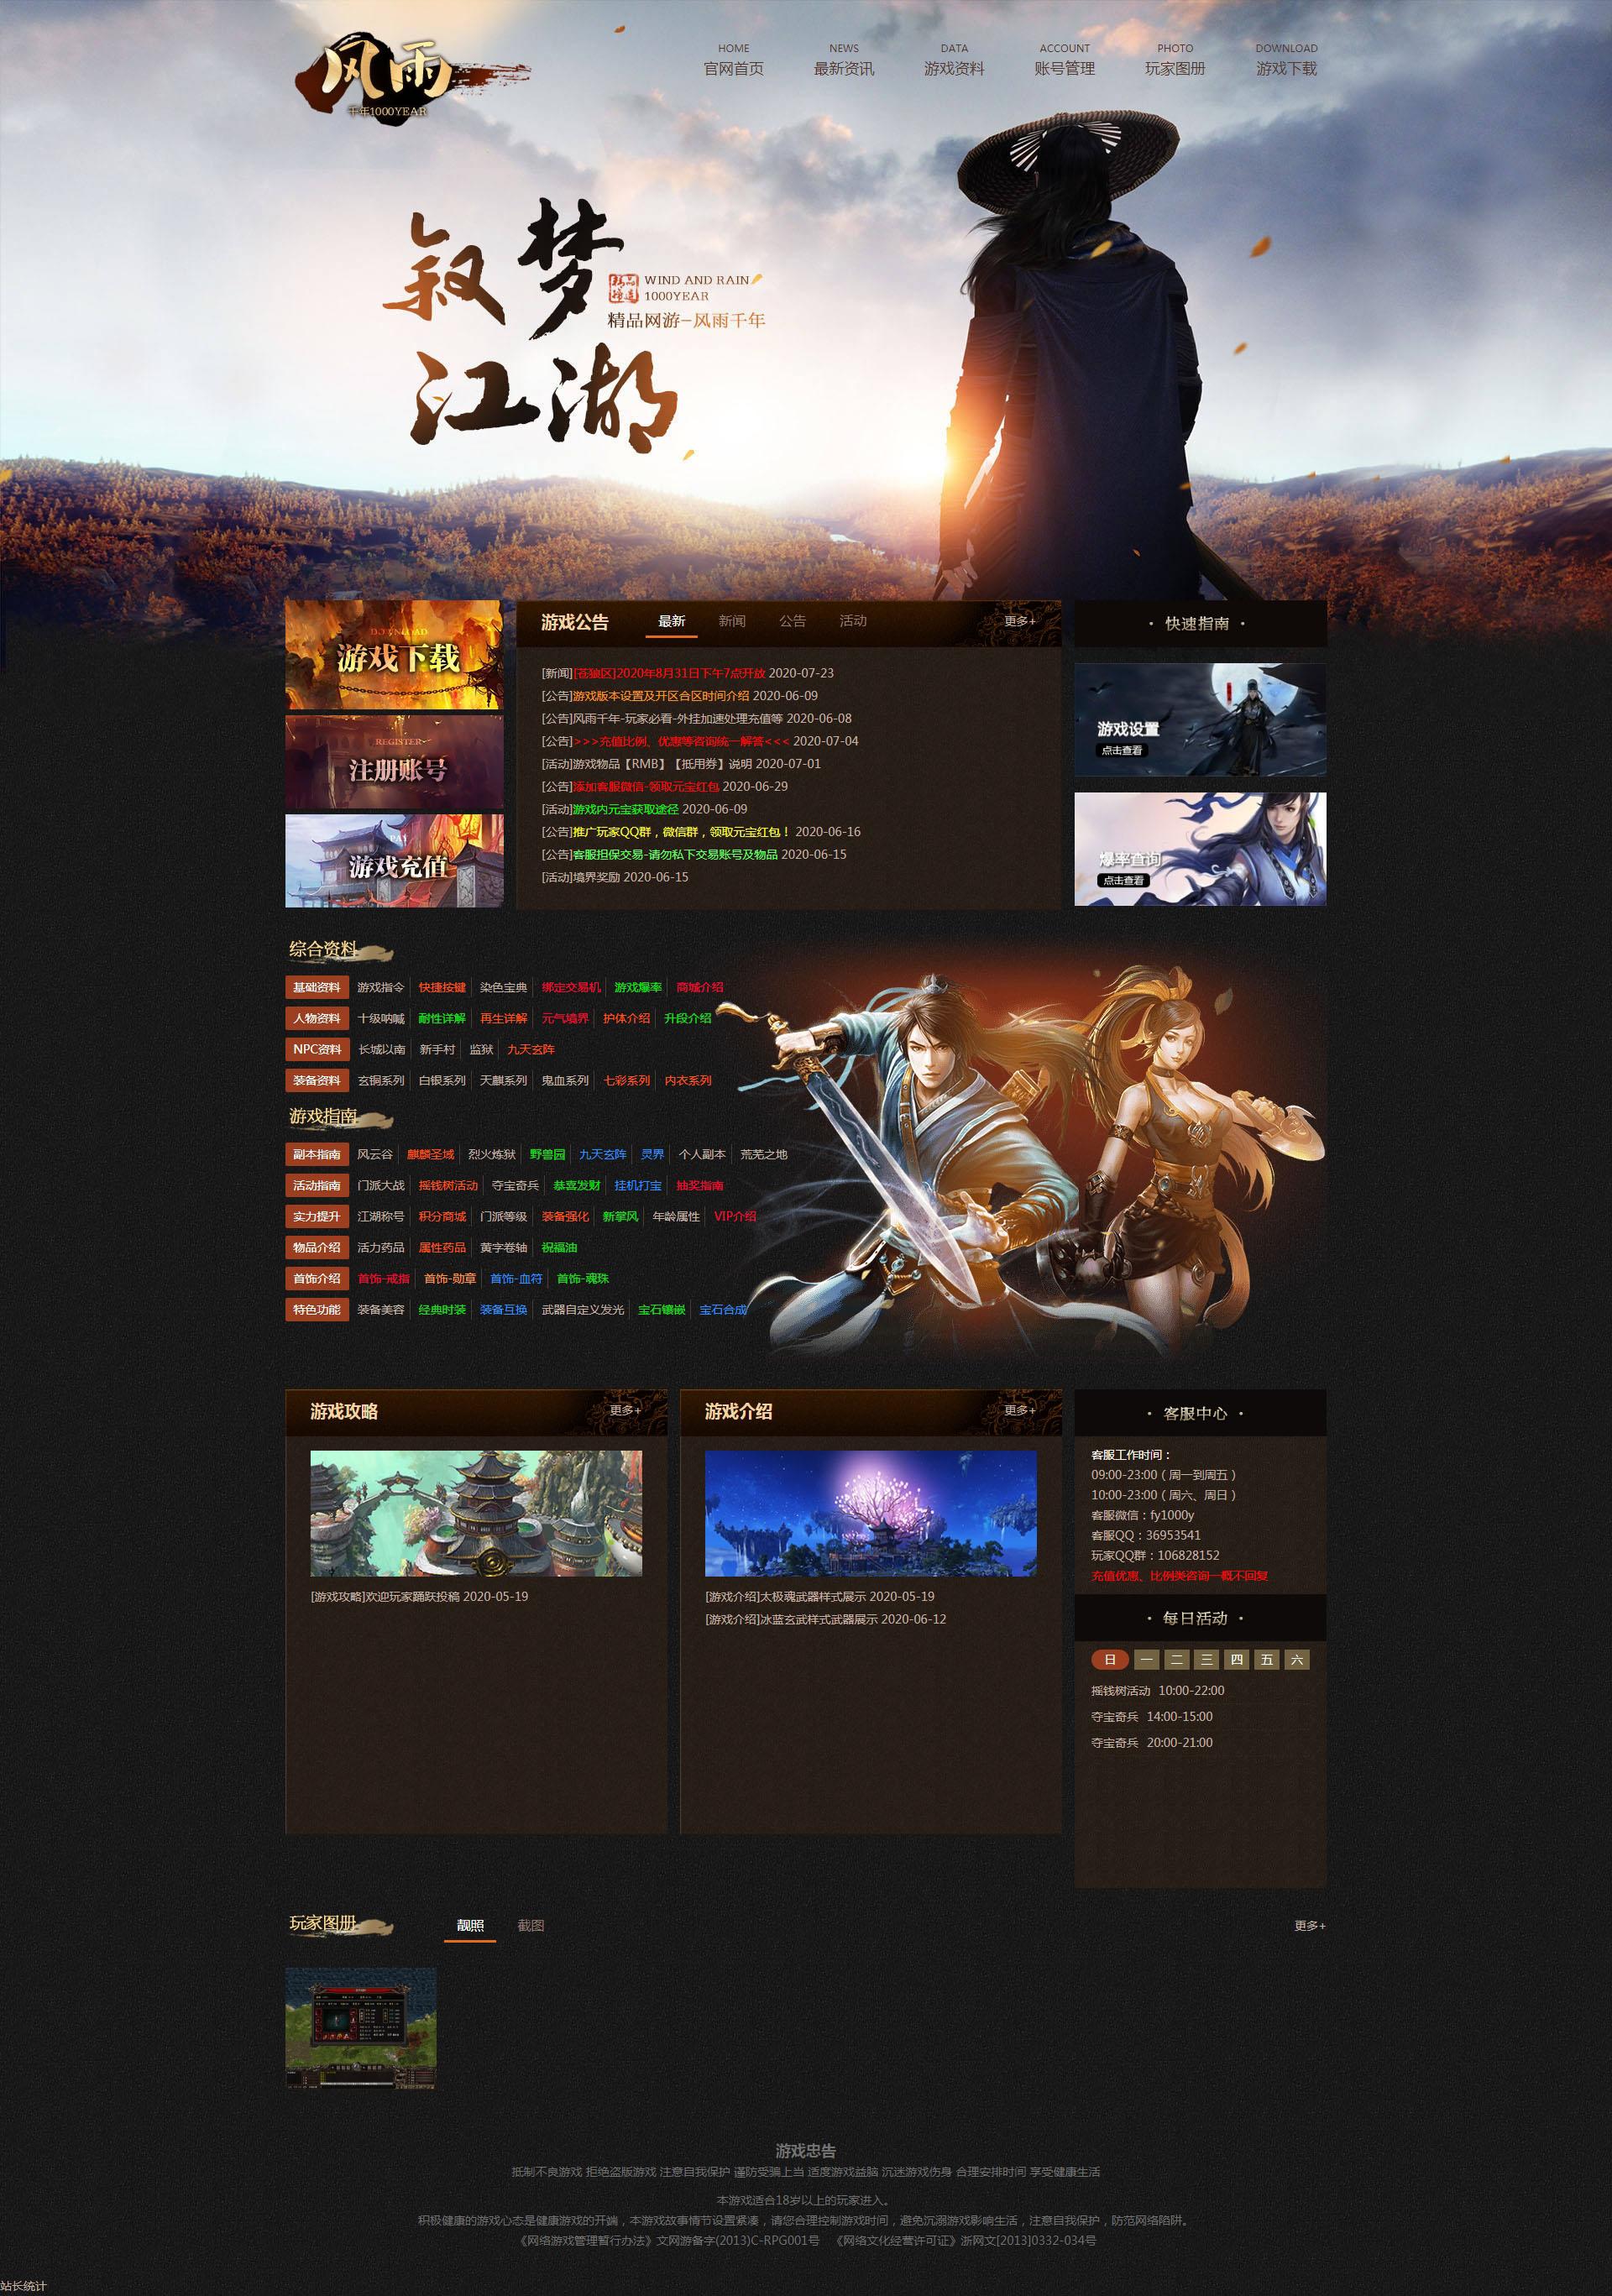 风雨千年网站 游戏网模版PHP传奇源码 官网模板带后台风雨千年网站 游戏网模版PHP传奇源码 官网模板带后台